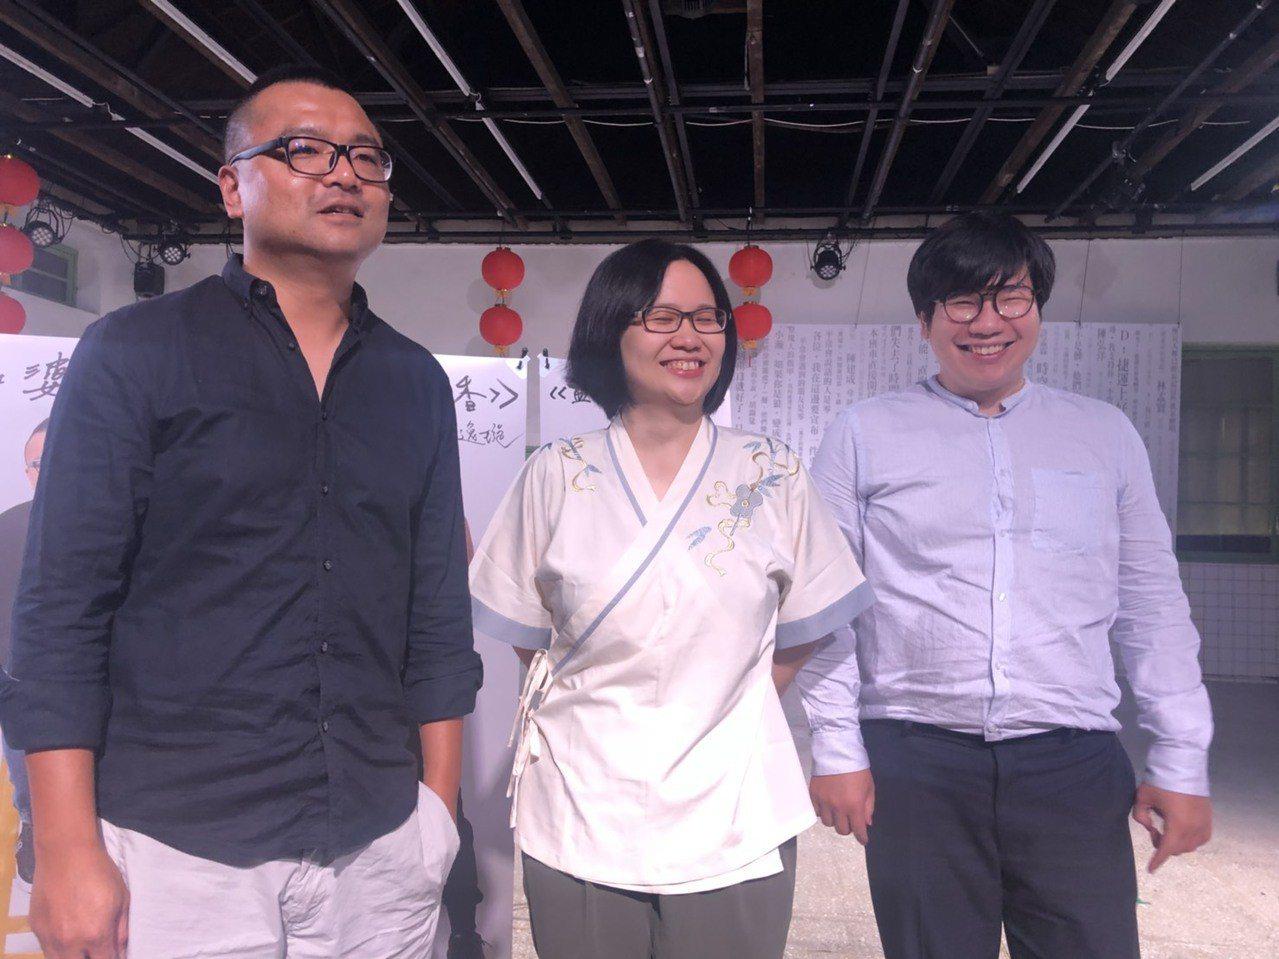 劇作家黃煚哲、蔡逸璇、陳緯恩(由左至右)分別完成3部原創劇本。記者王慧瑛/攝影